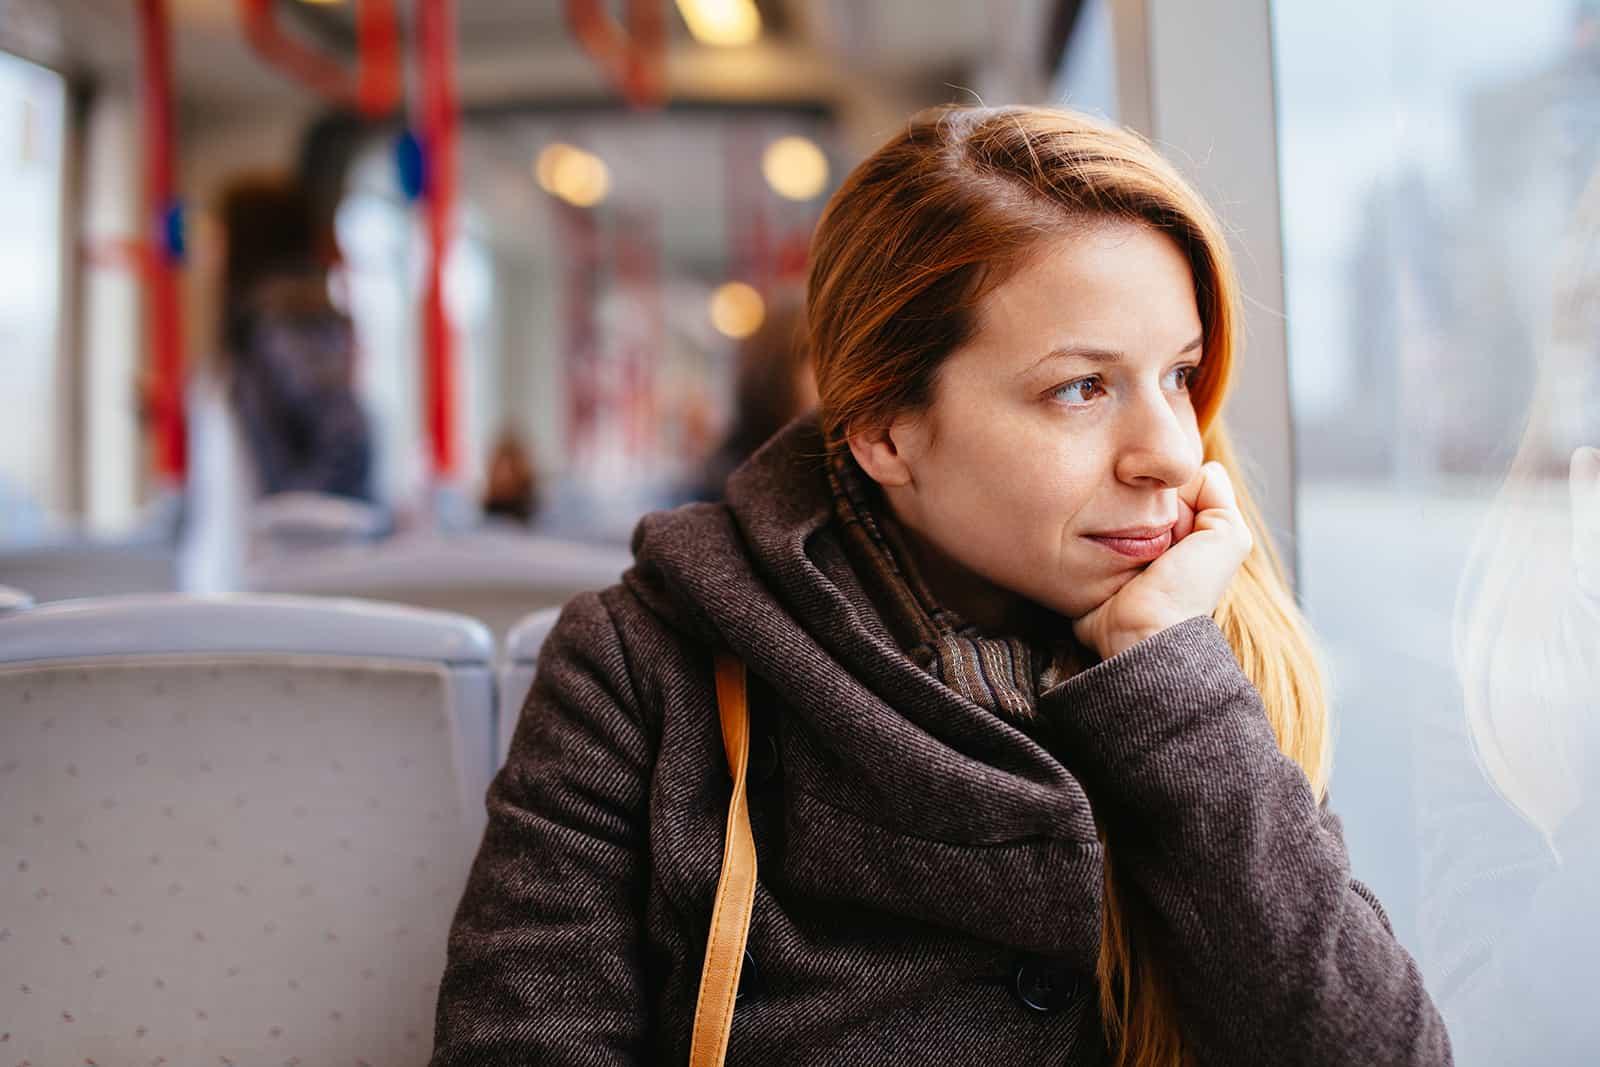 Die nachdenkliche Frau sitzt im Bus und schaut durch das Fenster